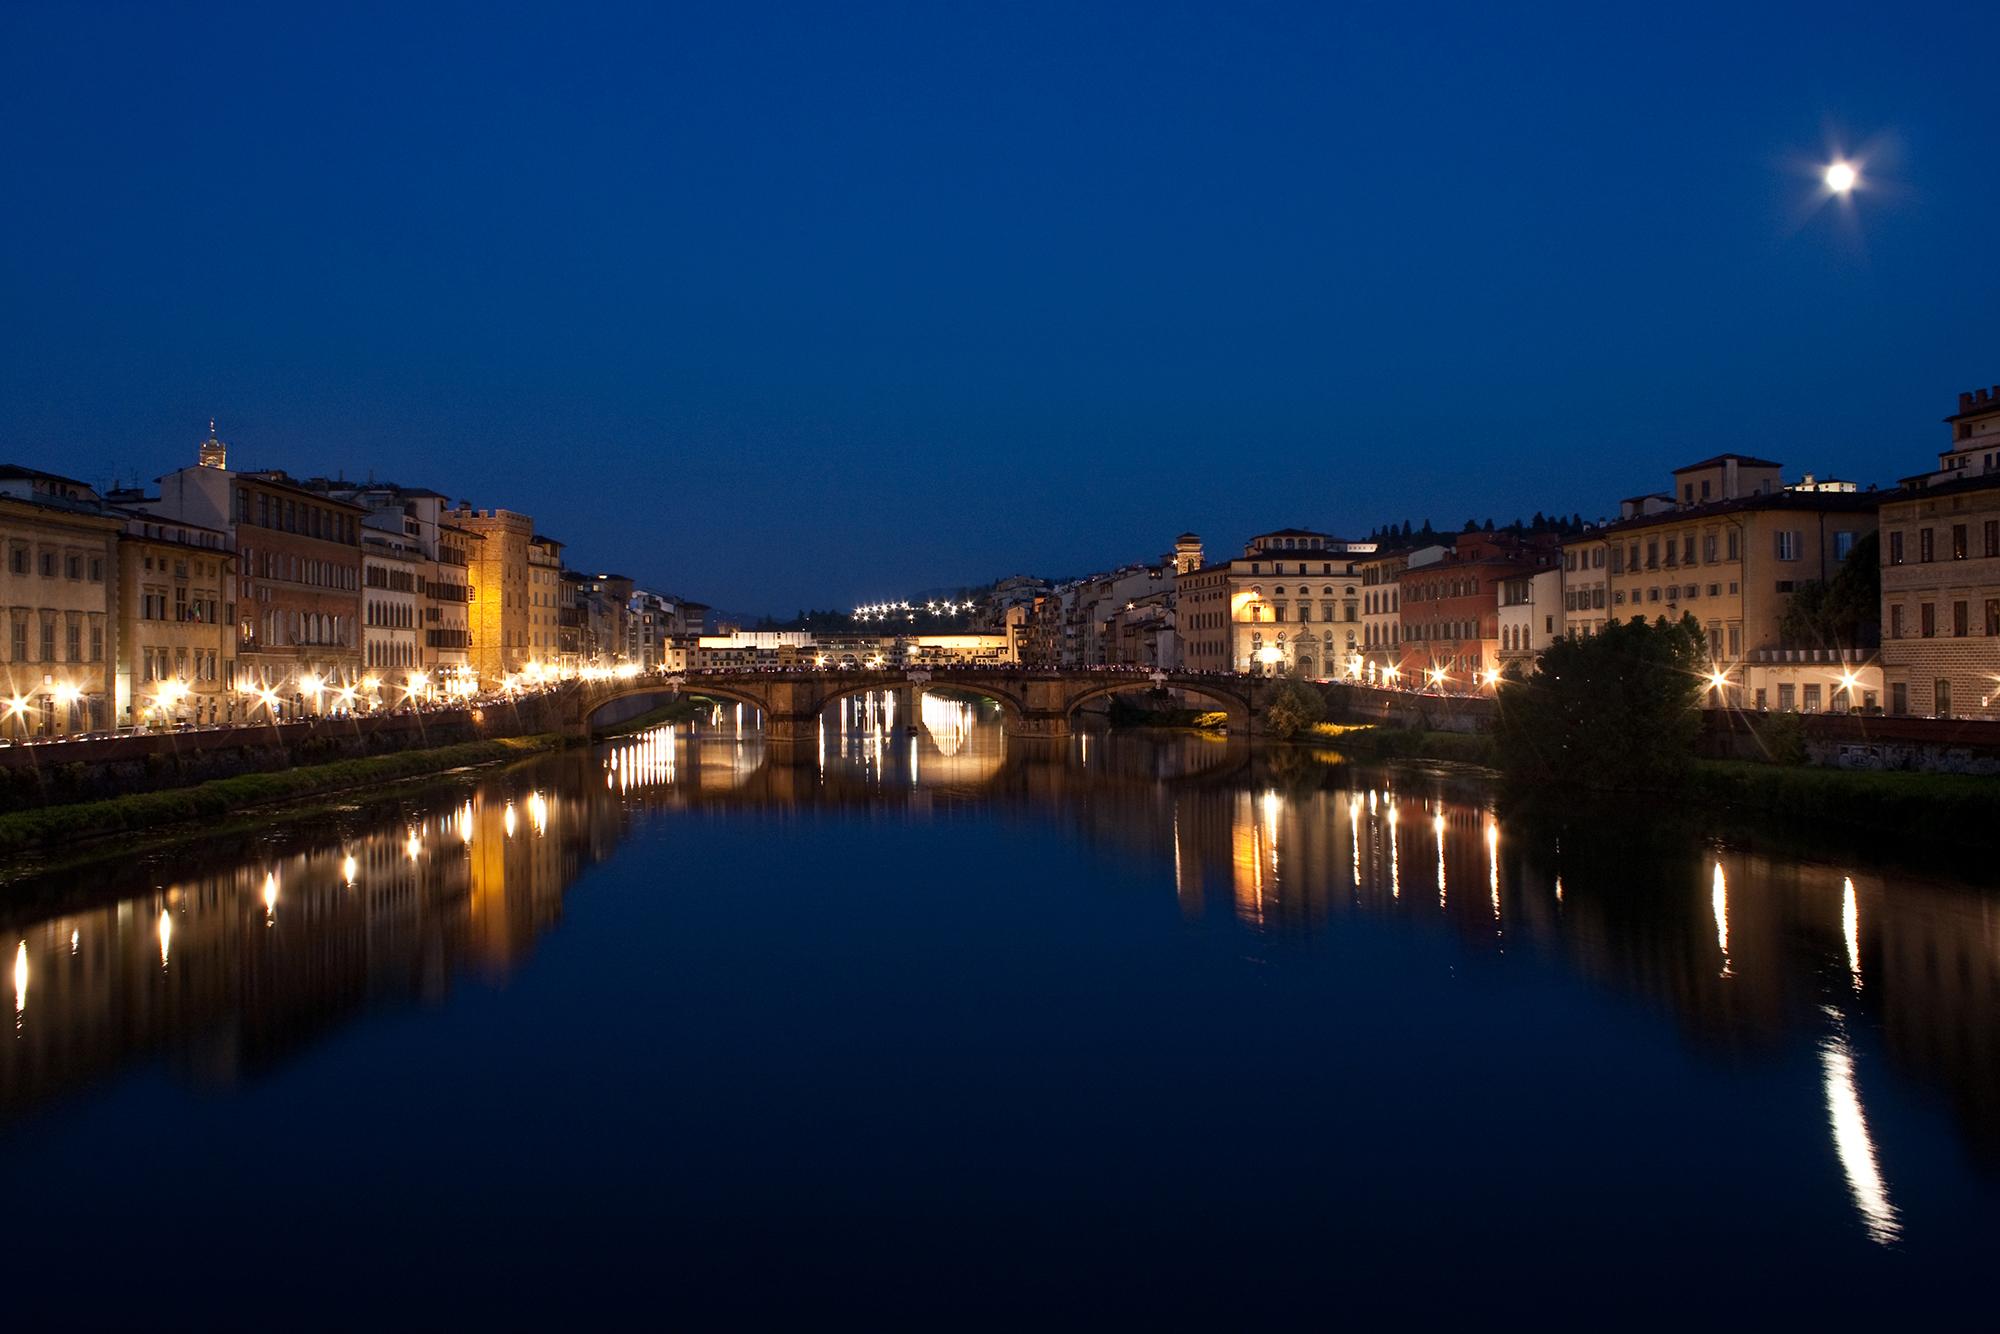 L'Arno di notte.....